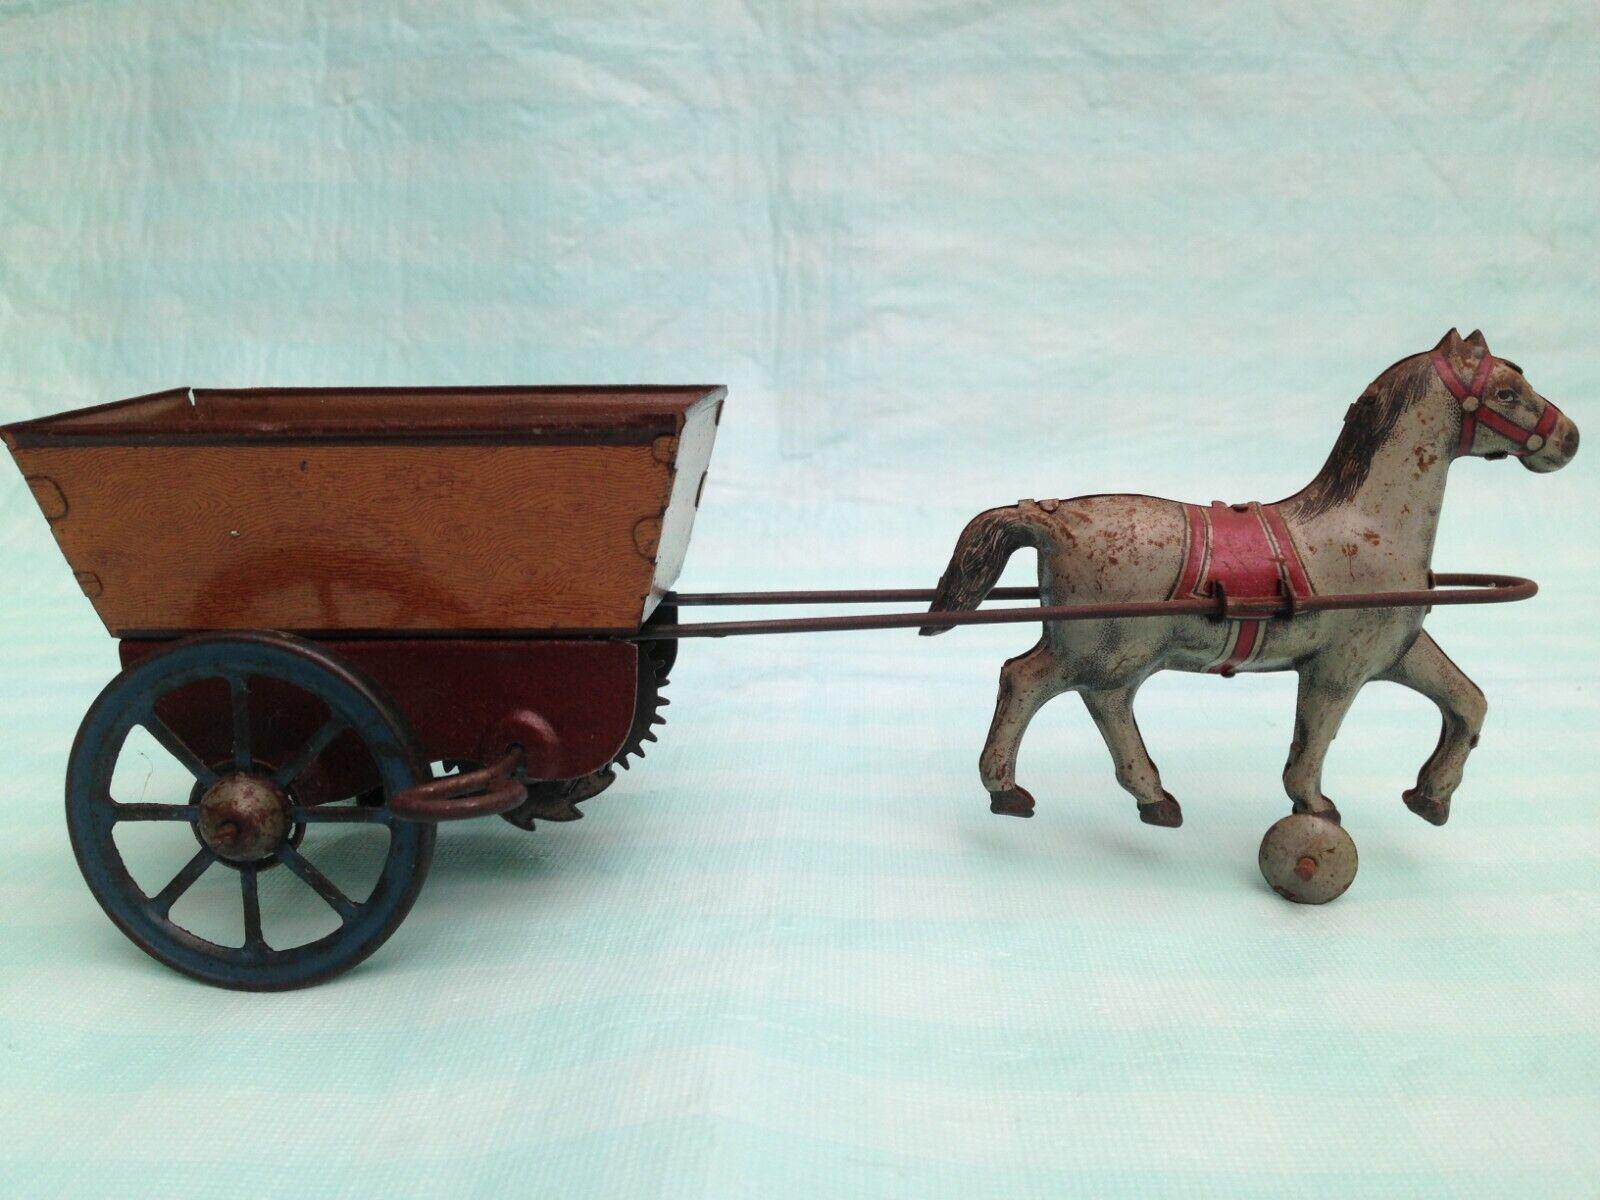 Tienda de moda y compras online. Marx Girard Juguete Litografía De Estaño Wind Up Up Up caballo y Cochero 1930 S  producto de calidad